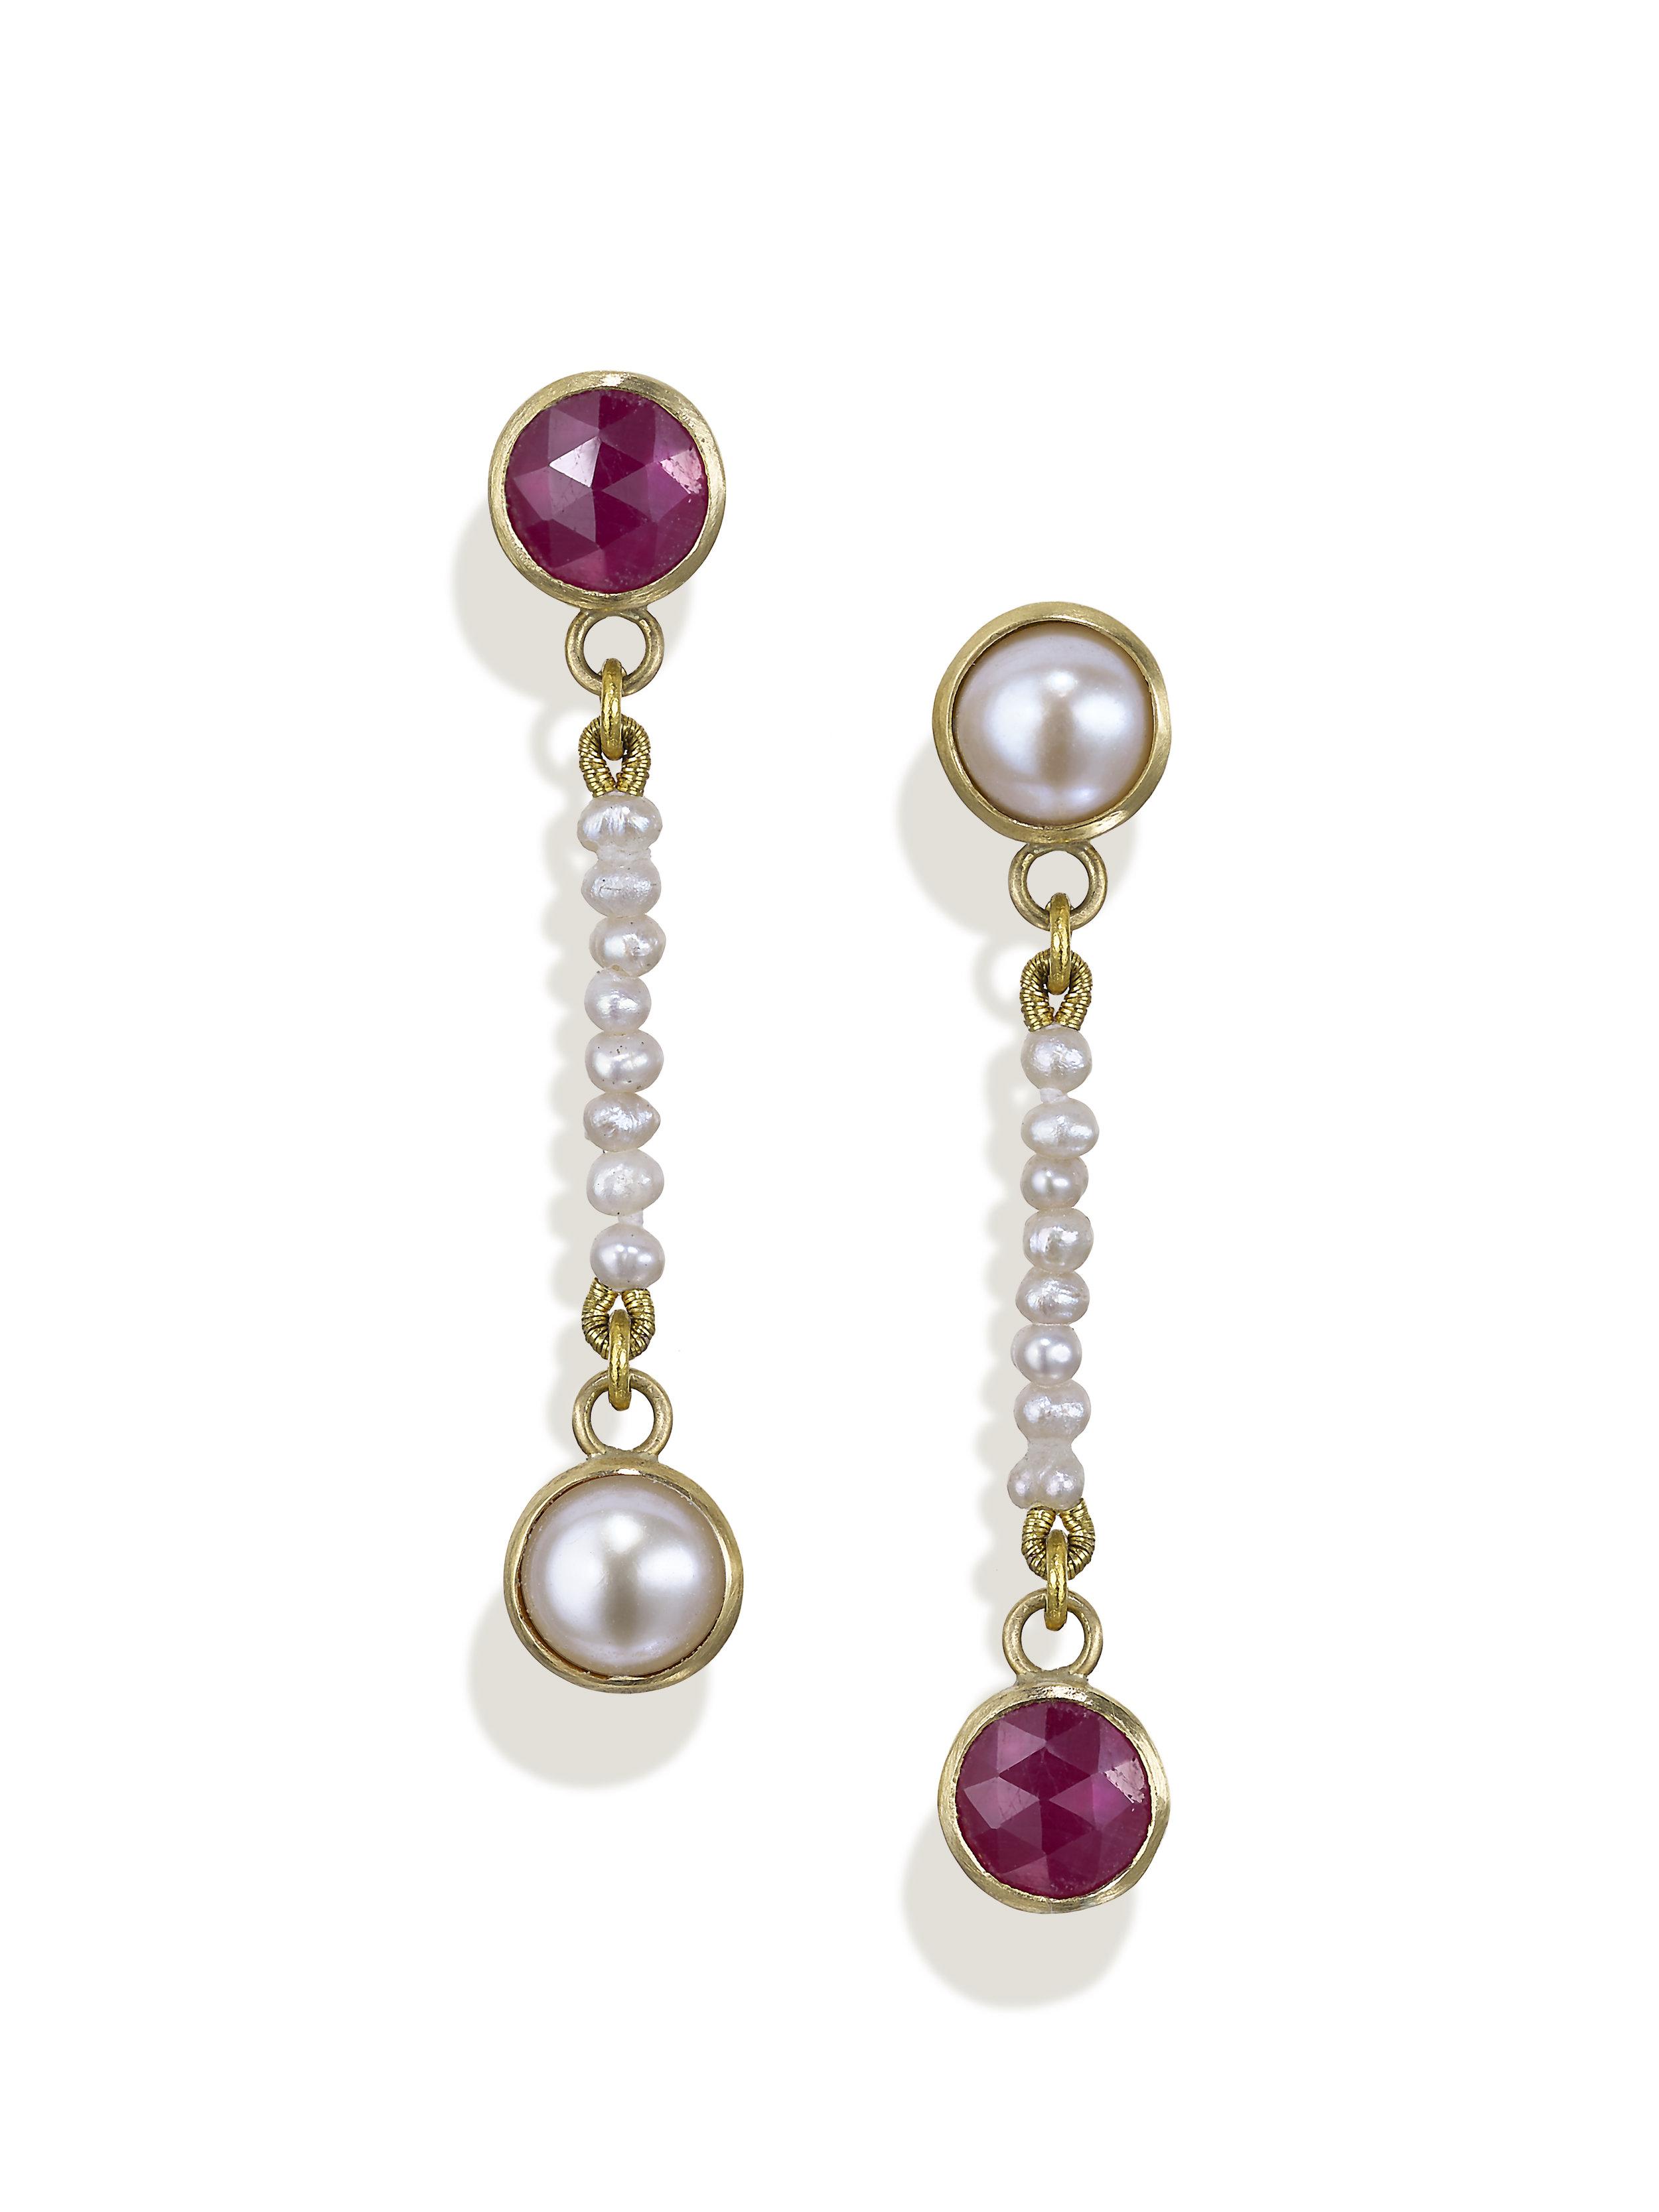 susi-hines-ruby-pearl-earrings.jpg